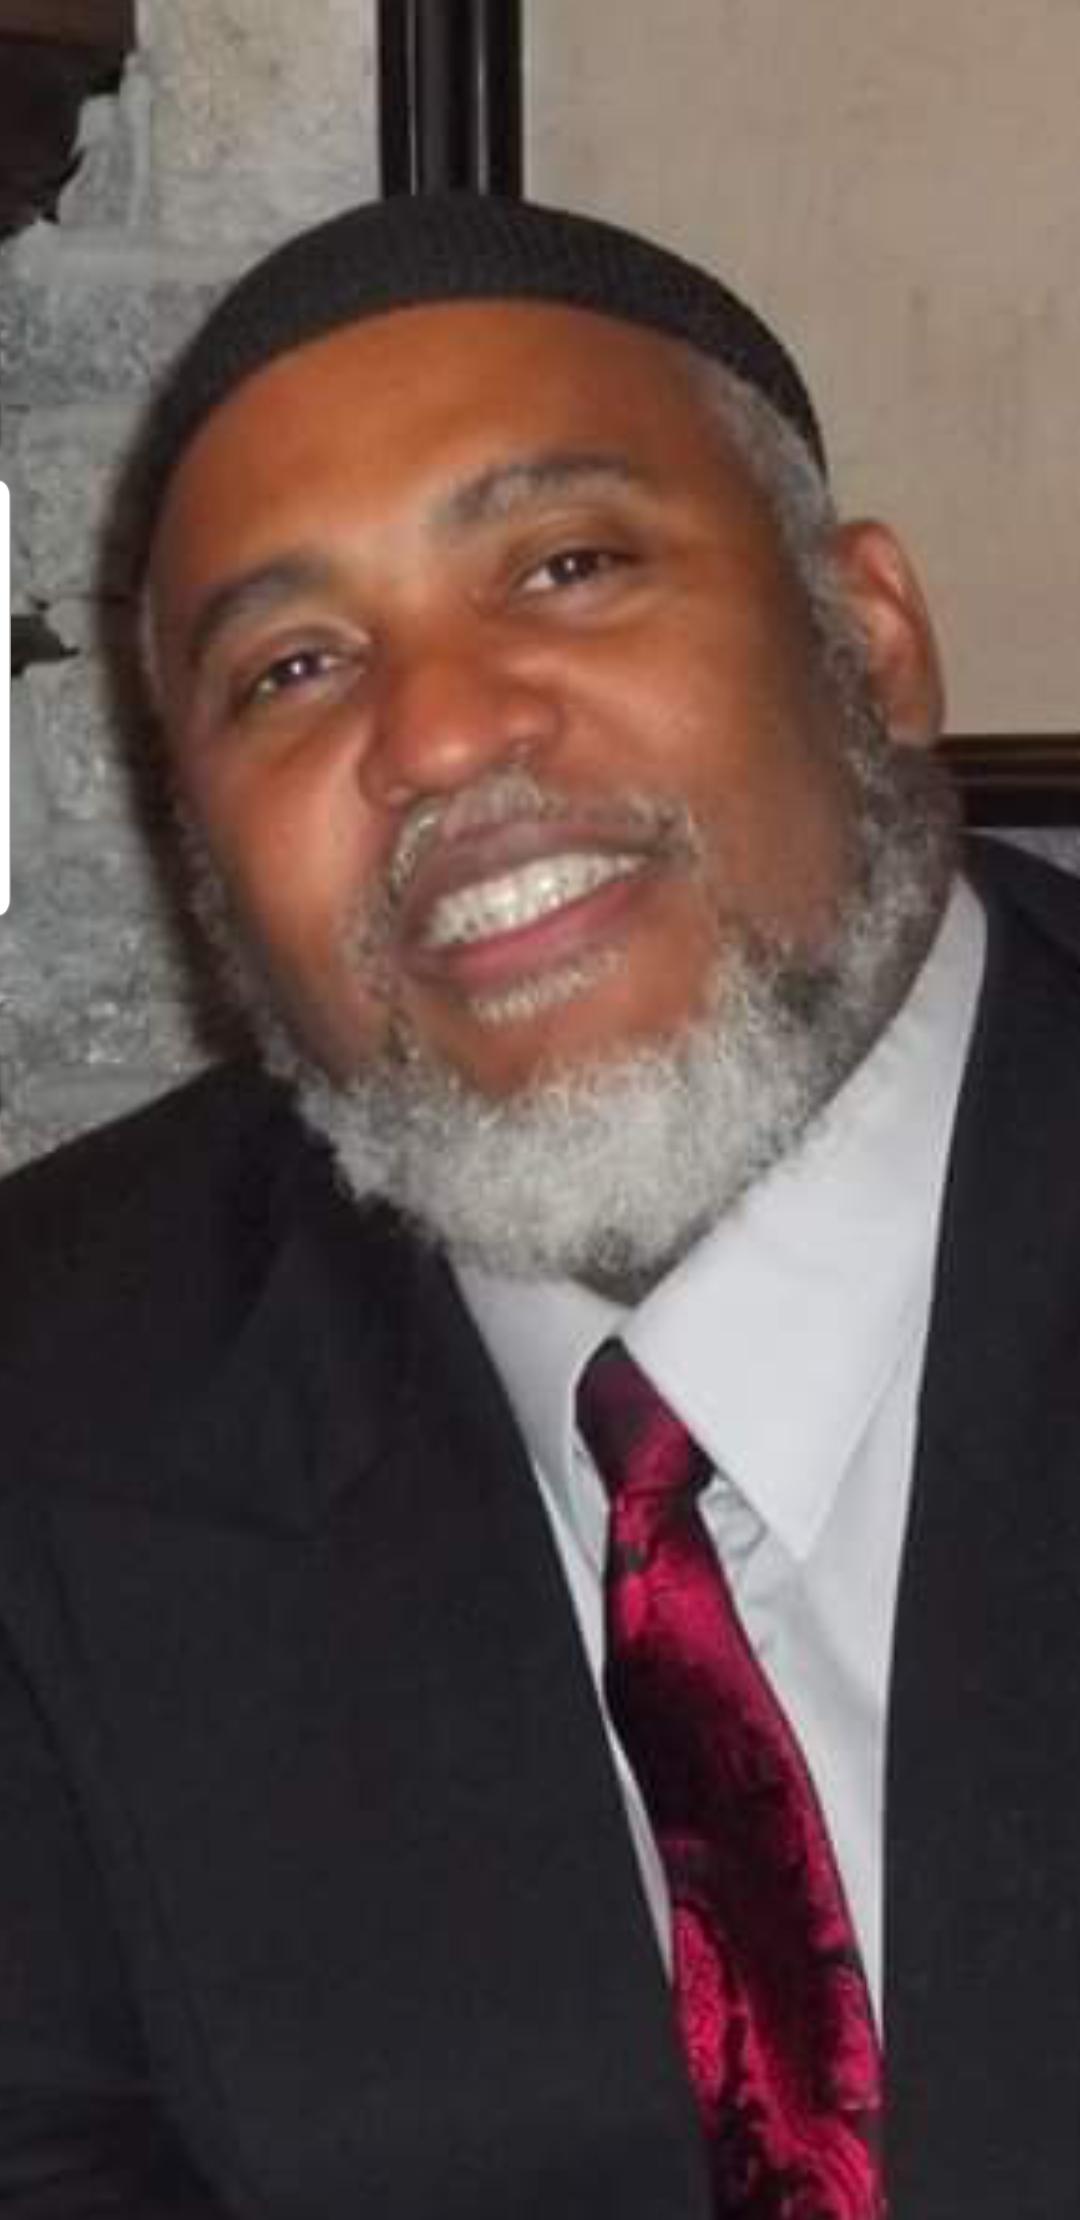 Kashif Abdul-Karim